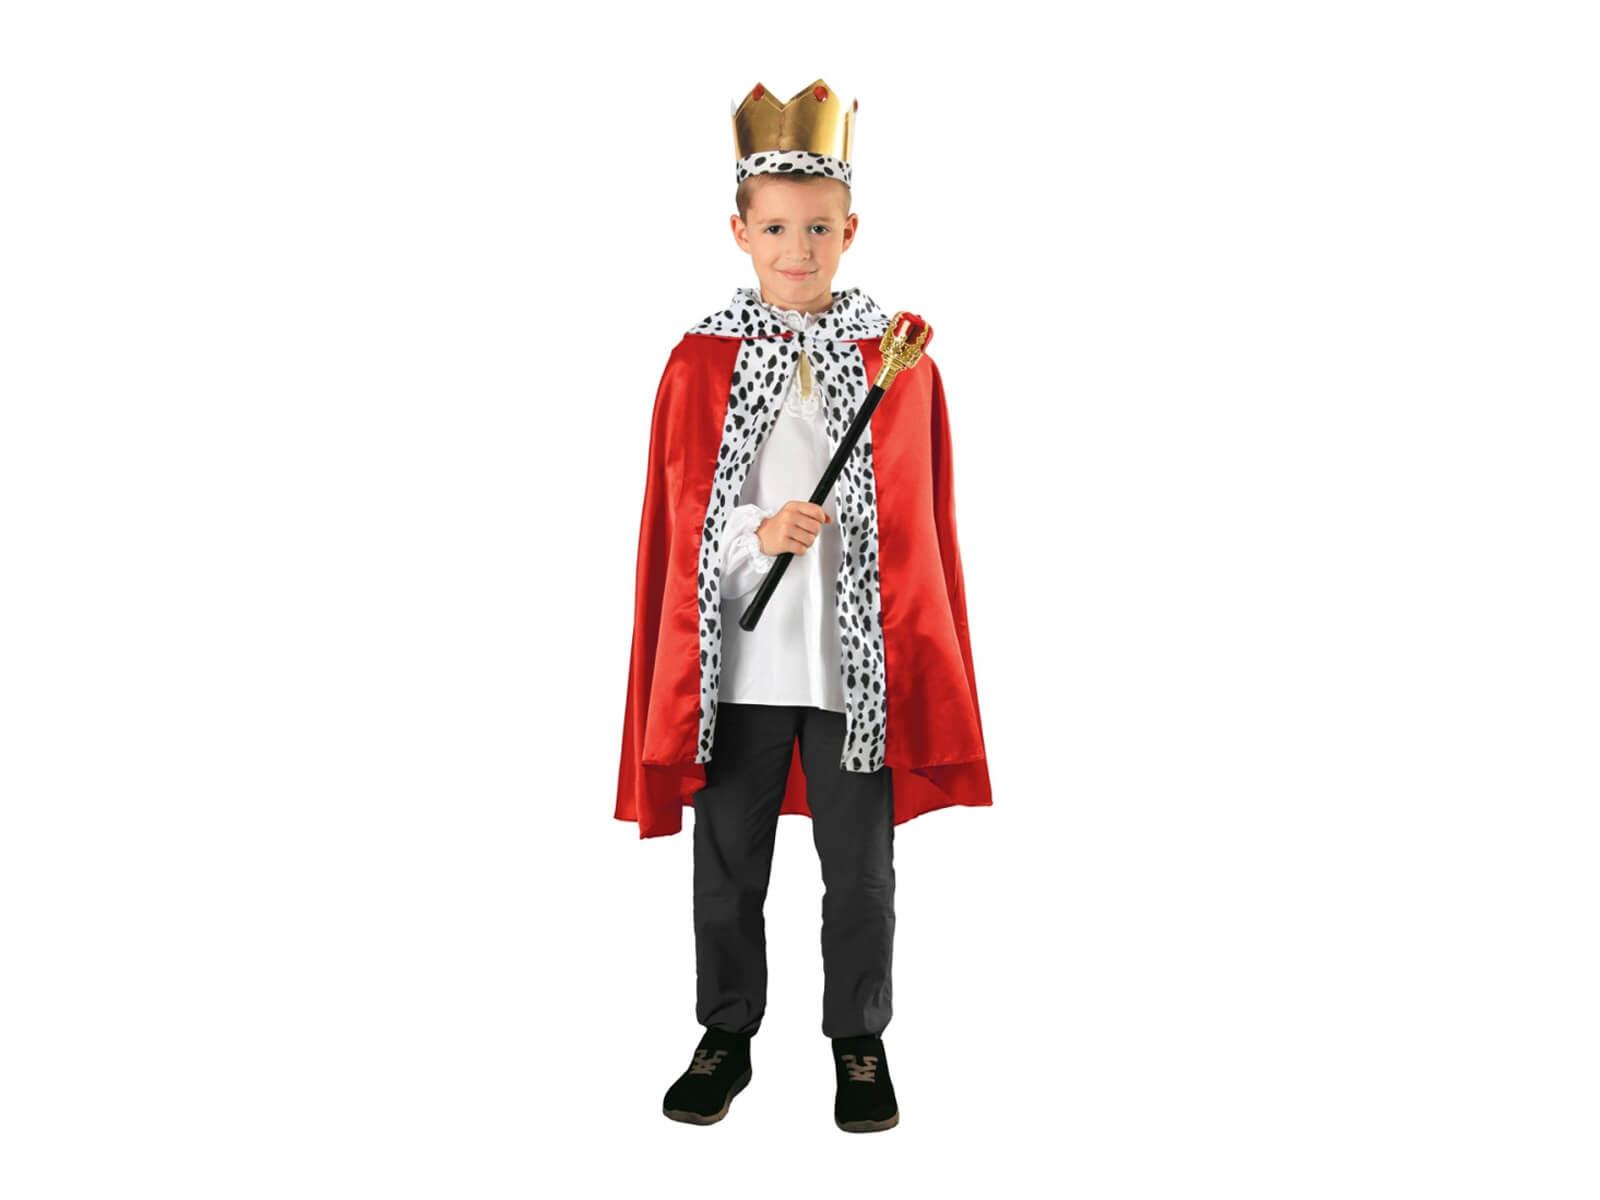 1799491dc31917 Strój króla na jasełka - peleryna, korona, berło